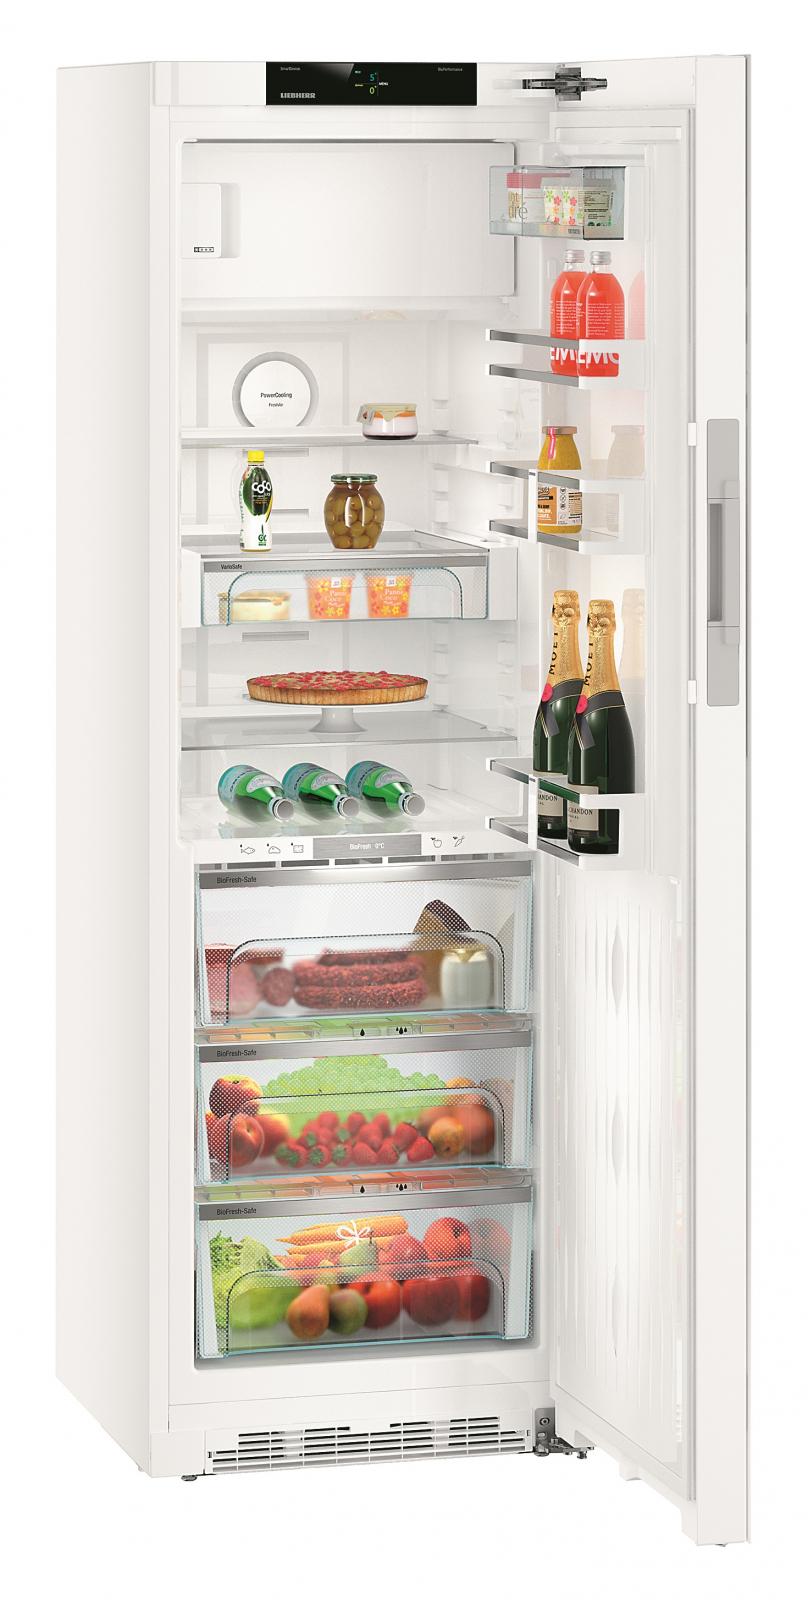 купить Однокамерный холодильник Liebherr KBPgw 4354 Украина фото 0